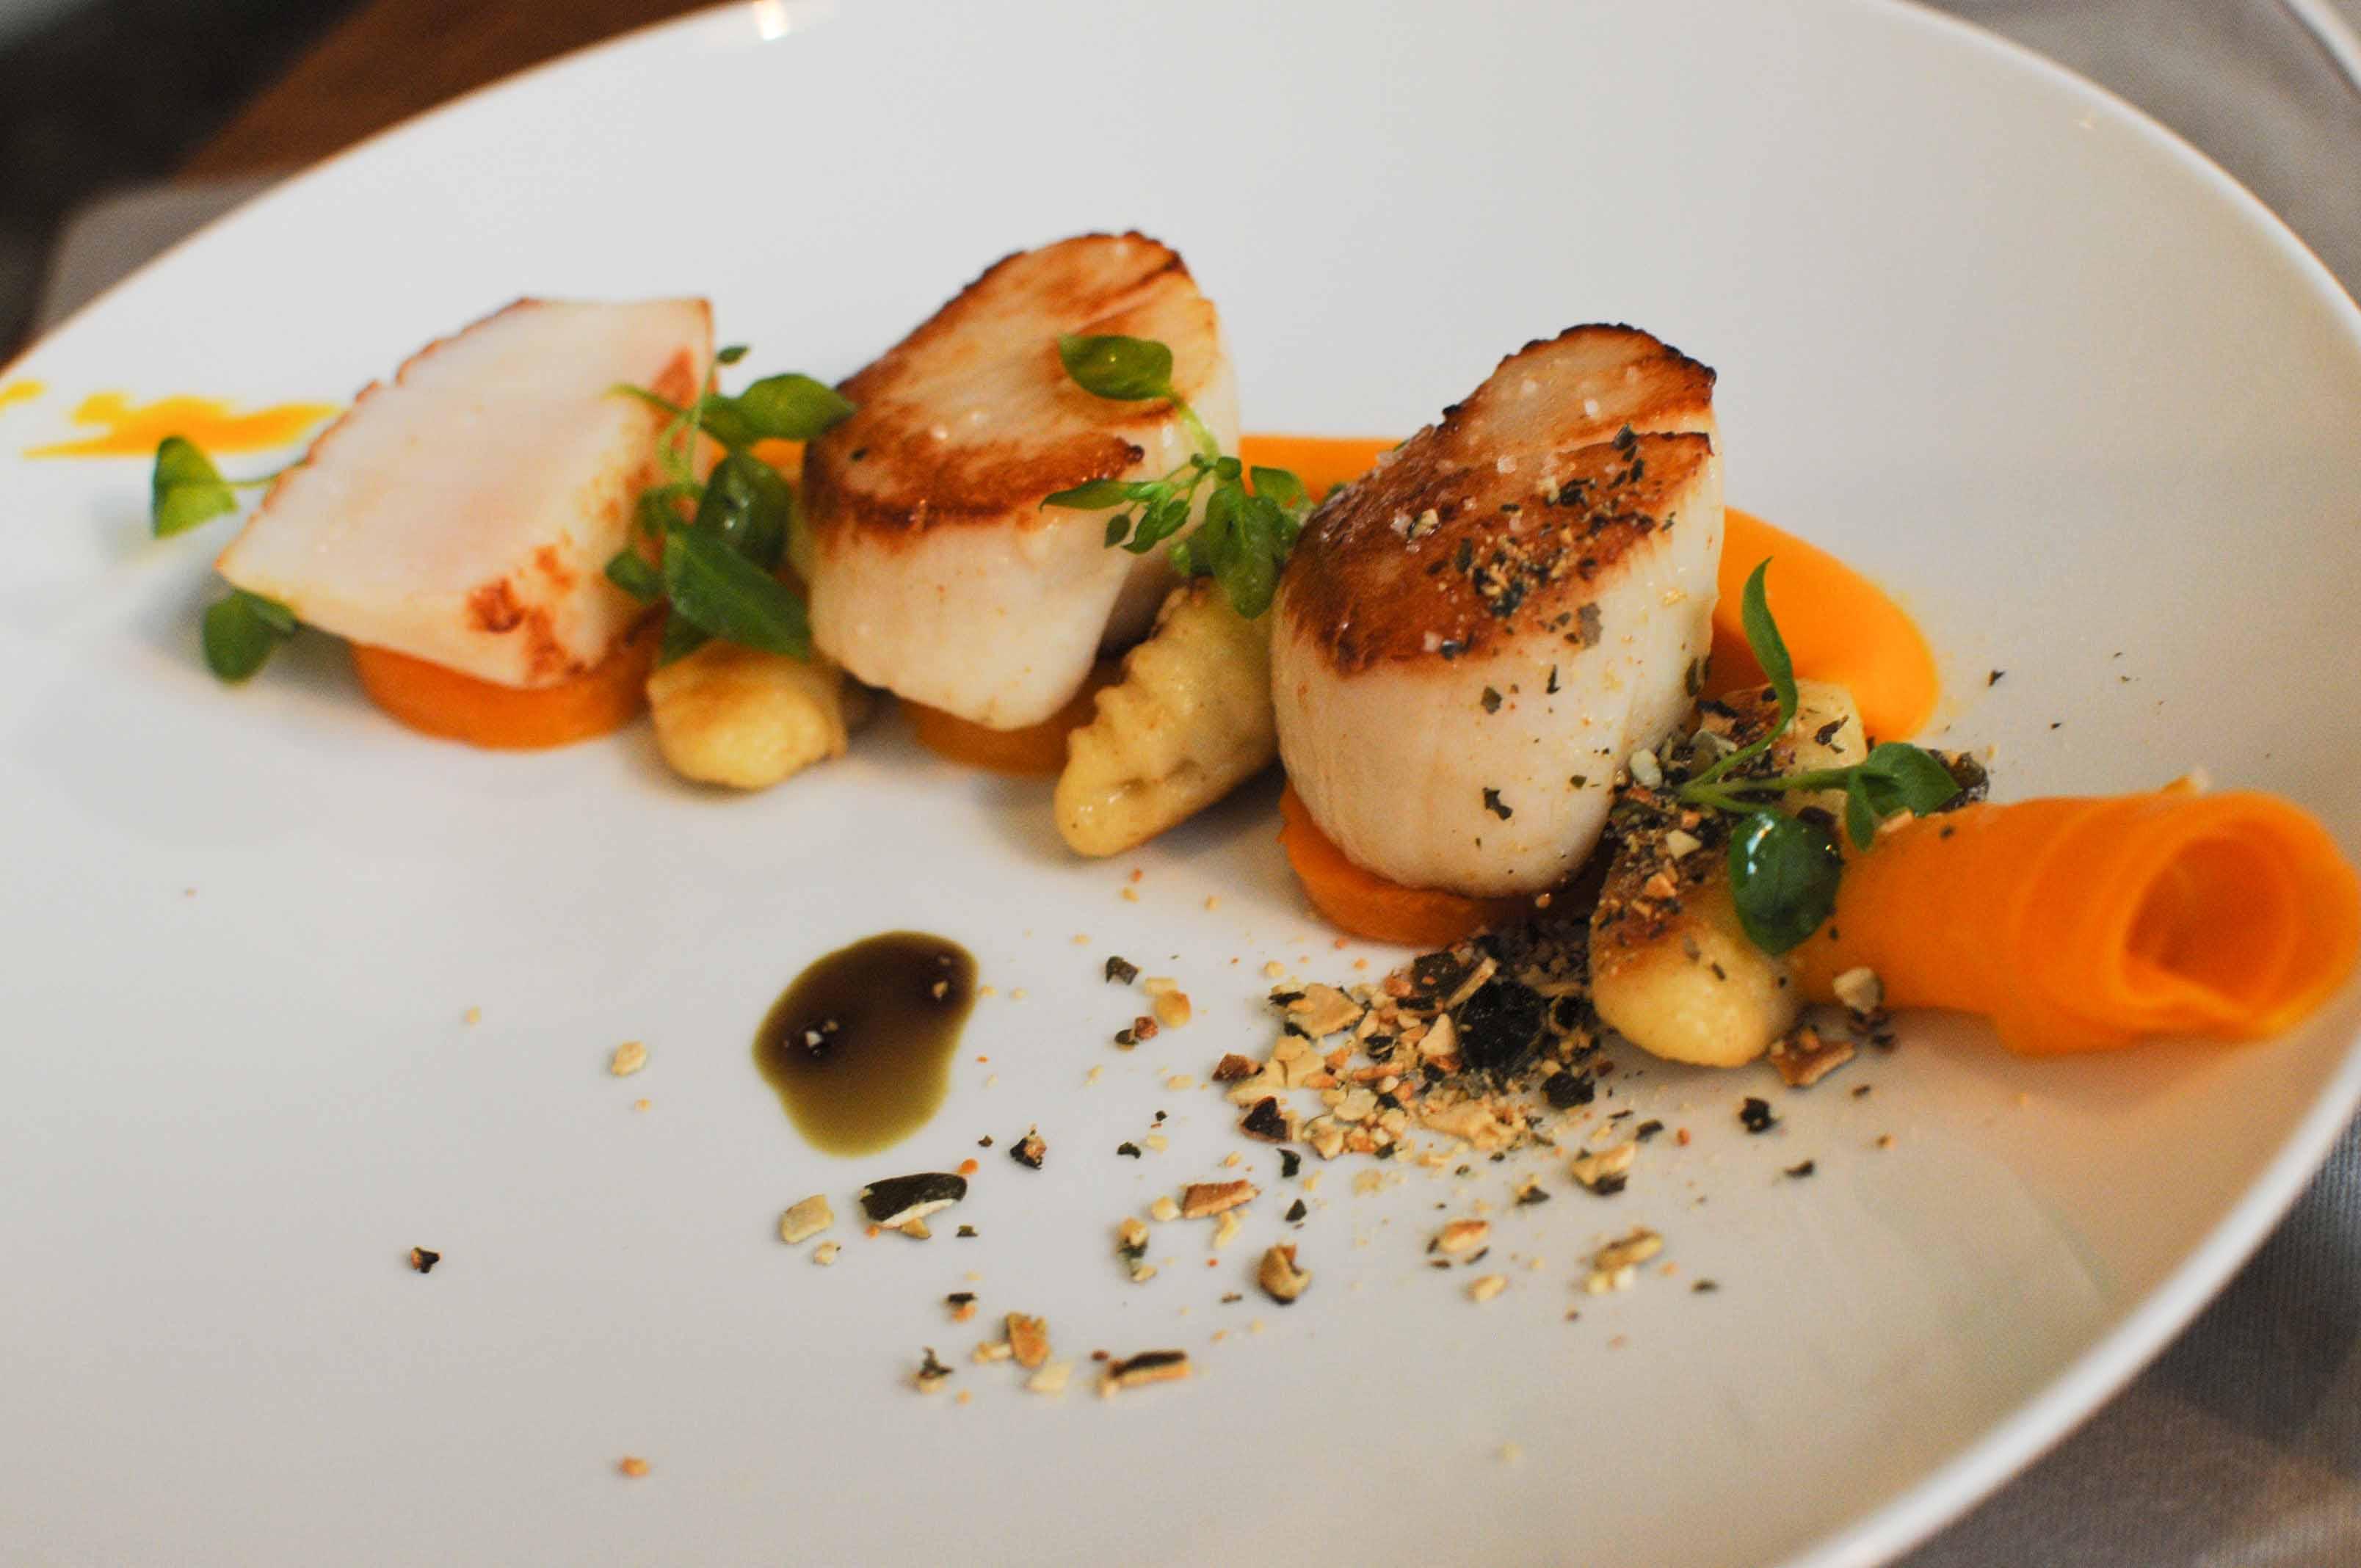 Recette gastronomique a la maison un site culinaire for Site de cuisine gastronomique